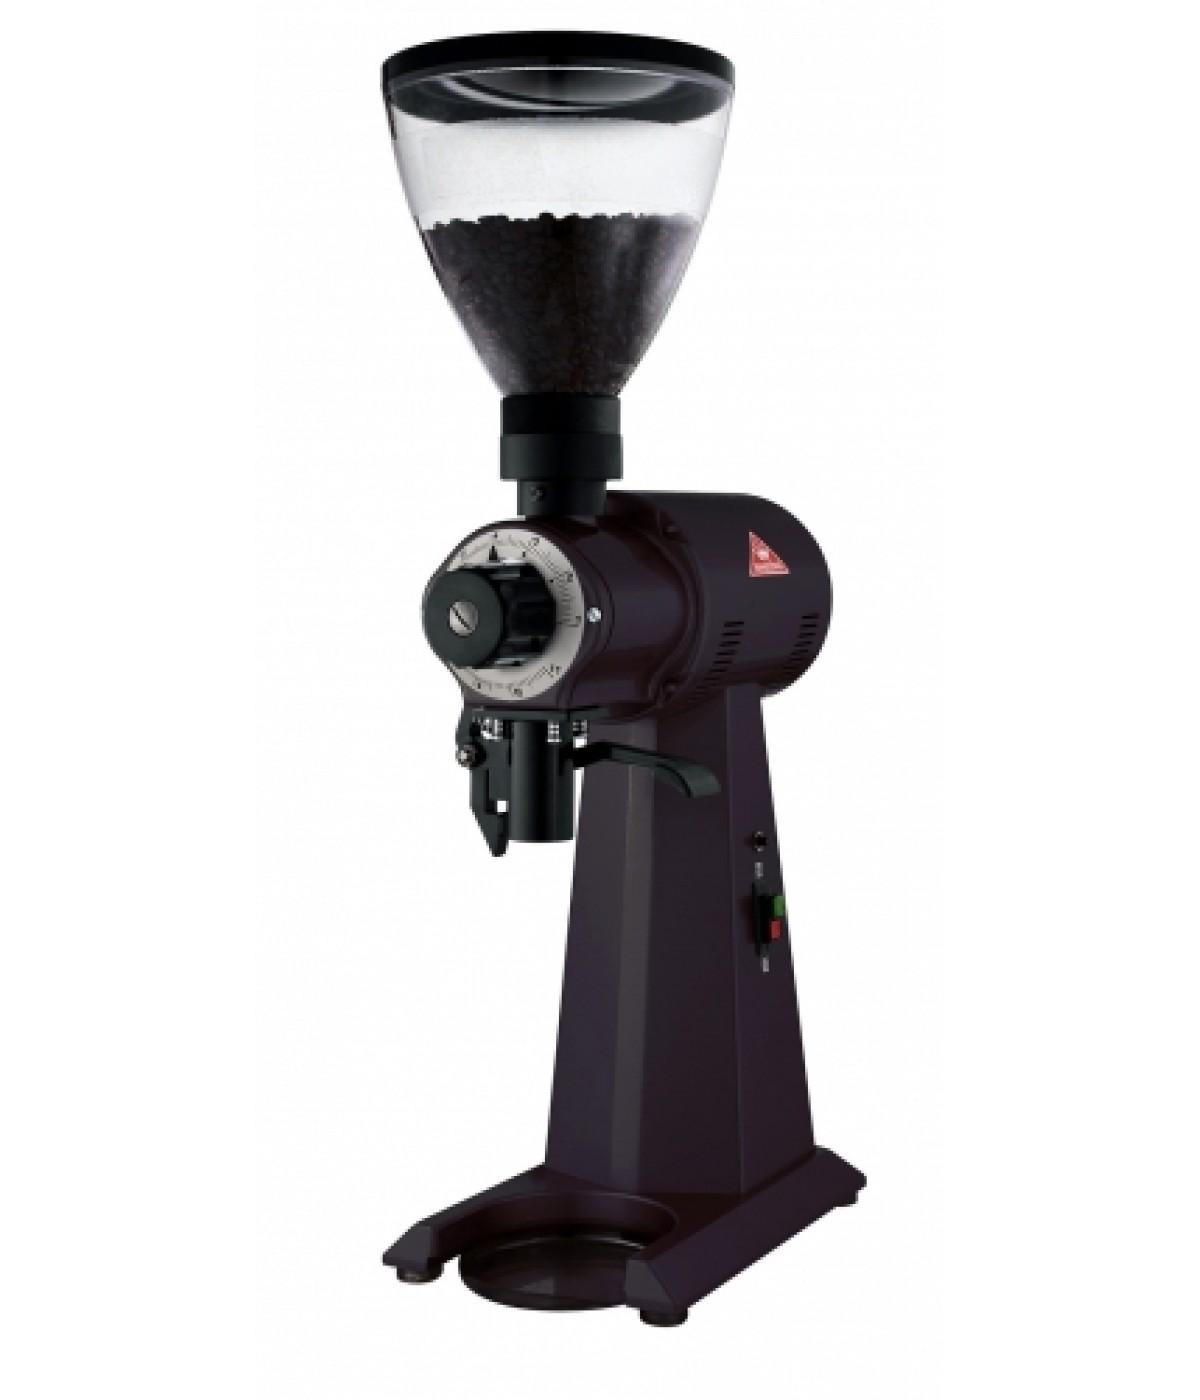 Professional coffee grinder Mahlkoenig EK43